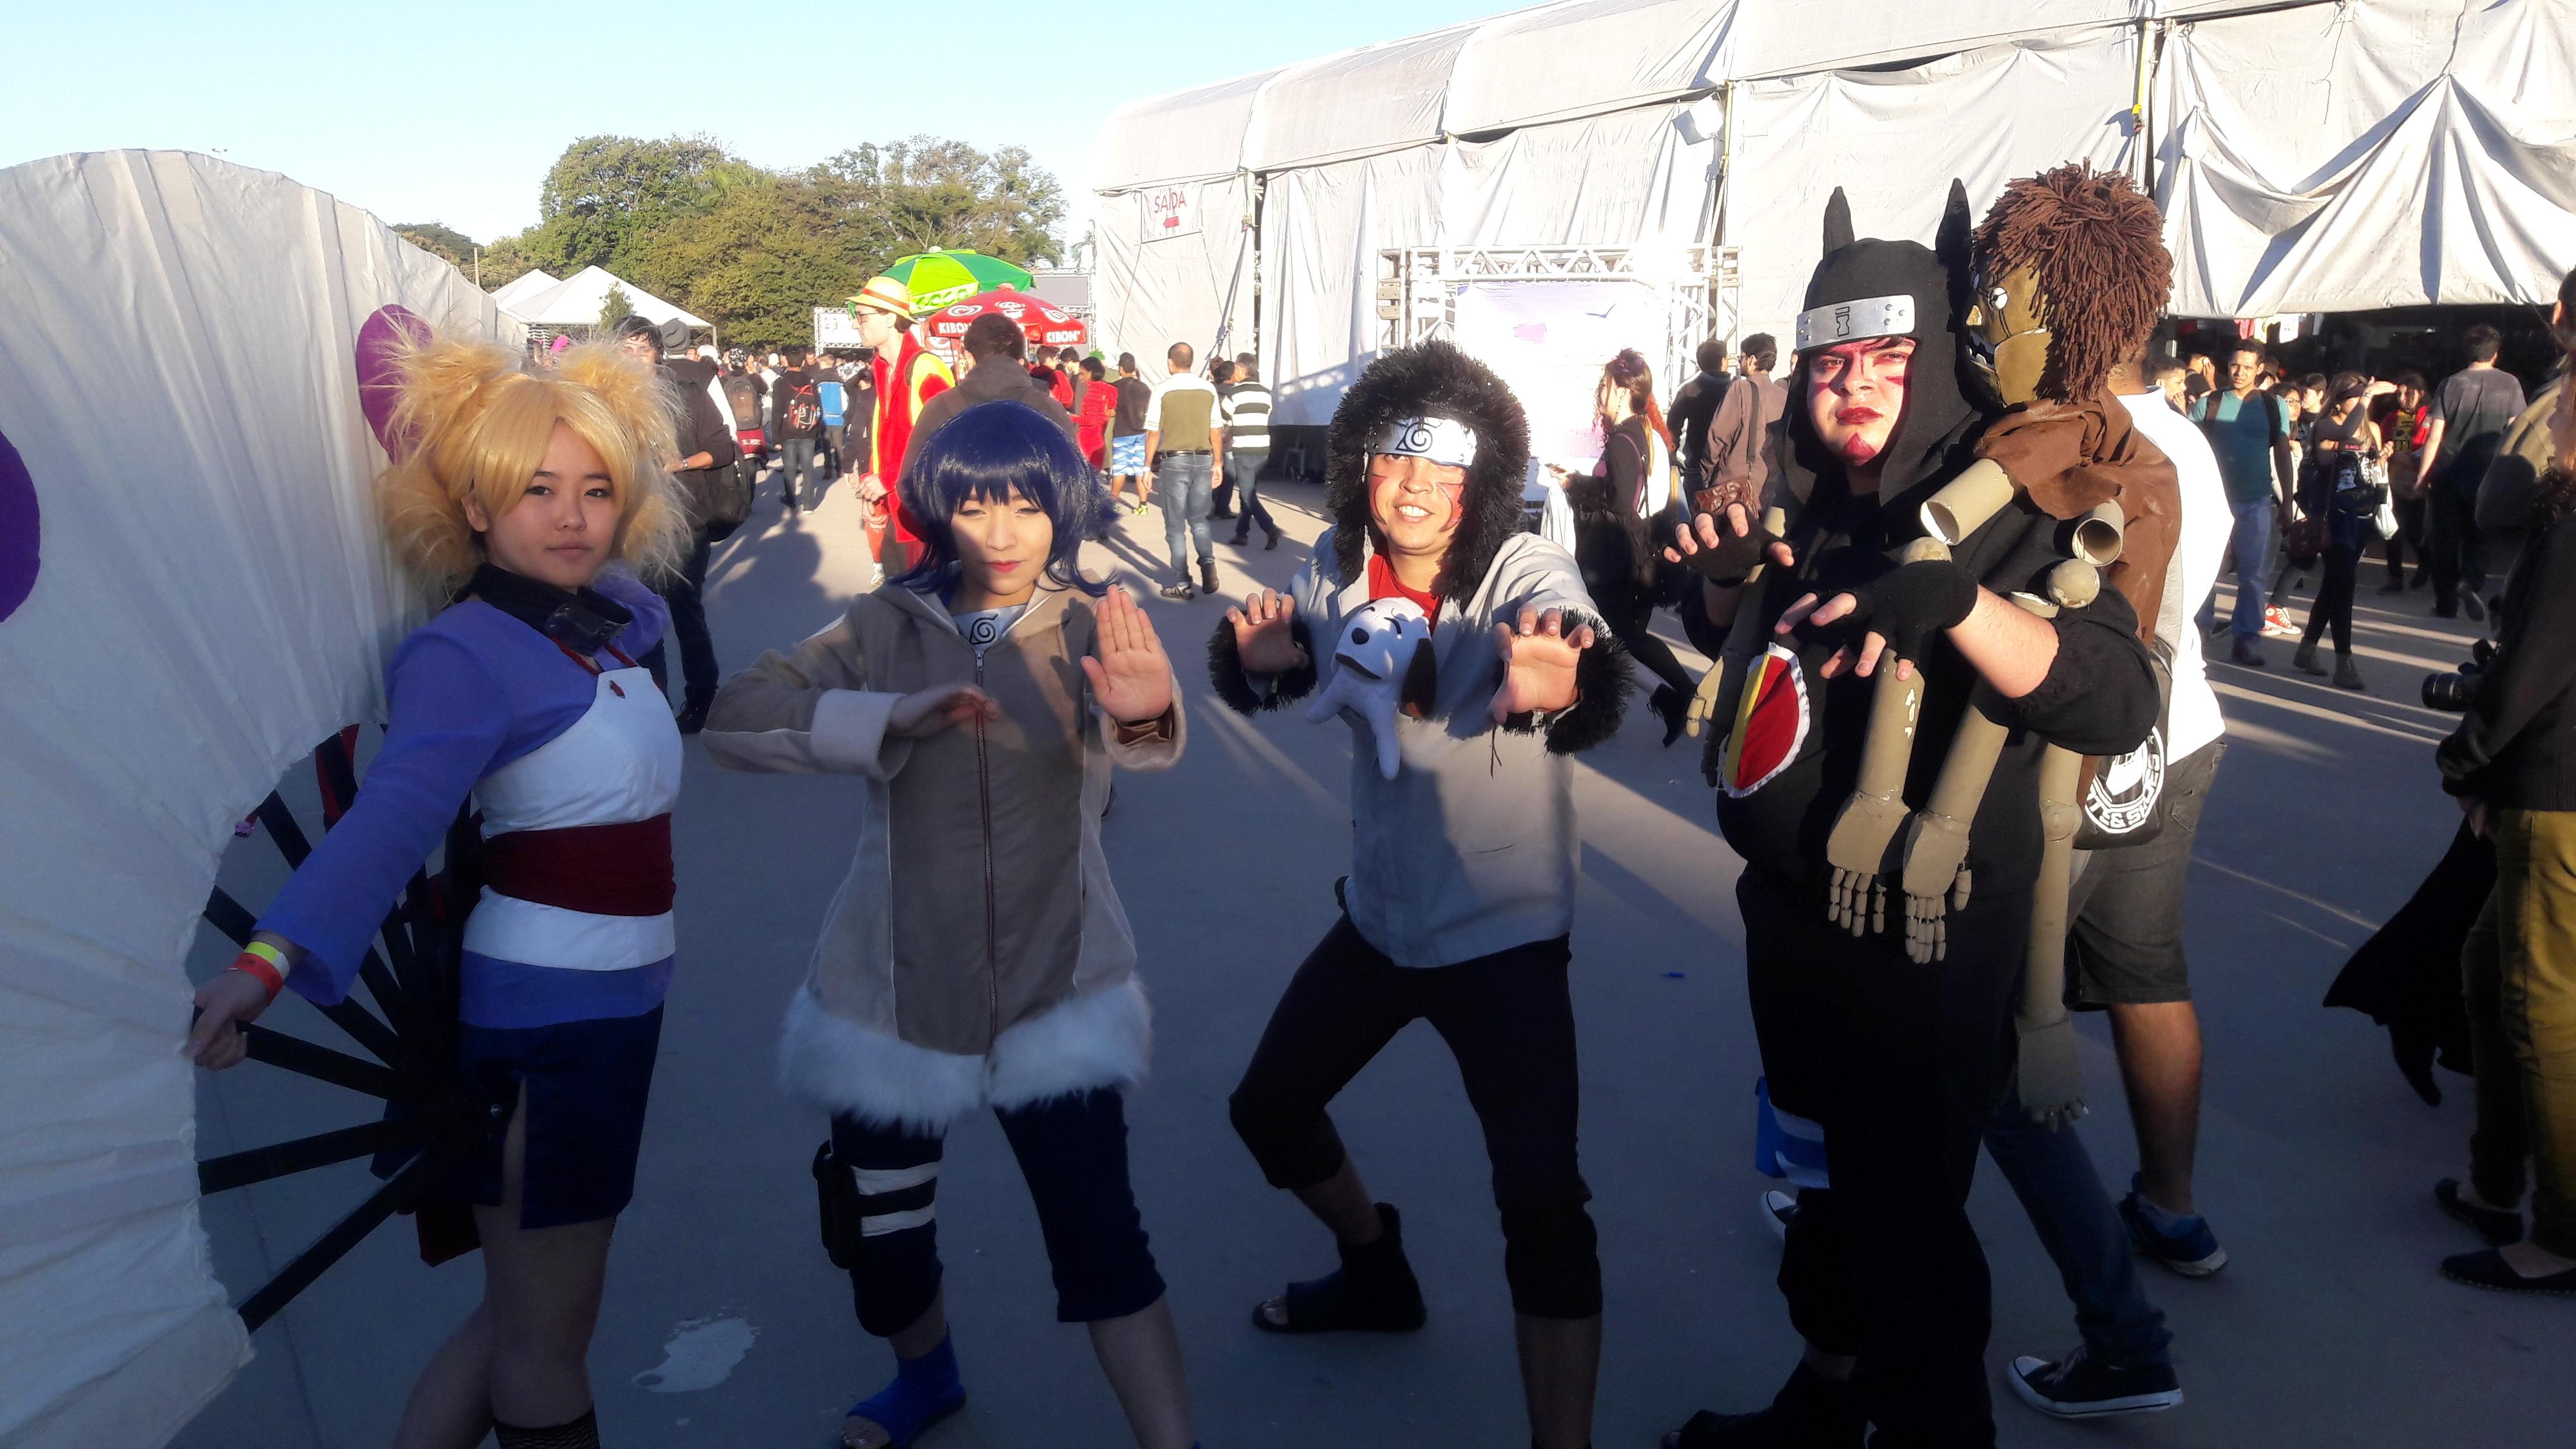 Acabou o Anime friends 2016 - Venha ver conosco como foi!